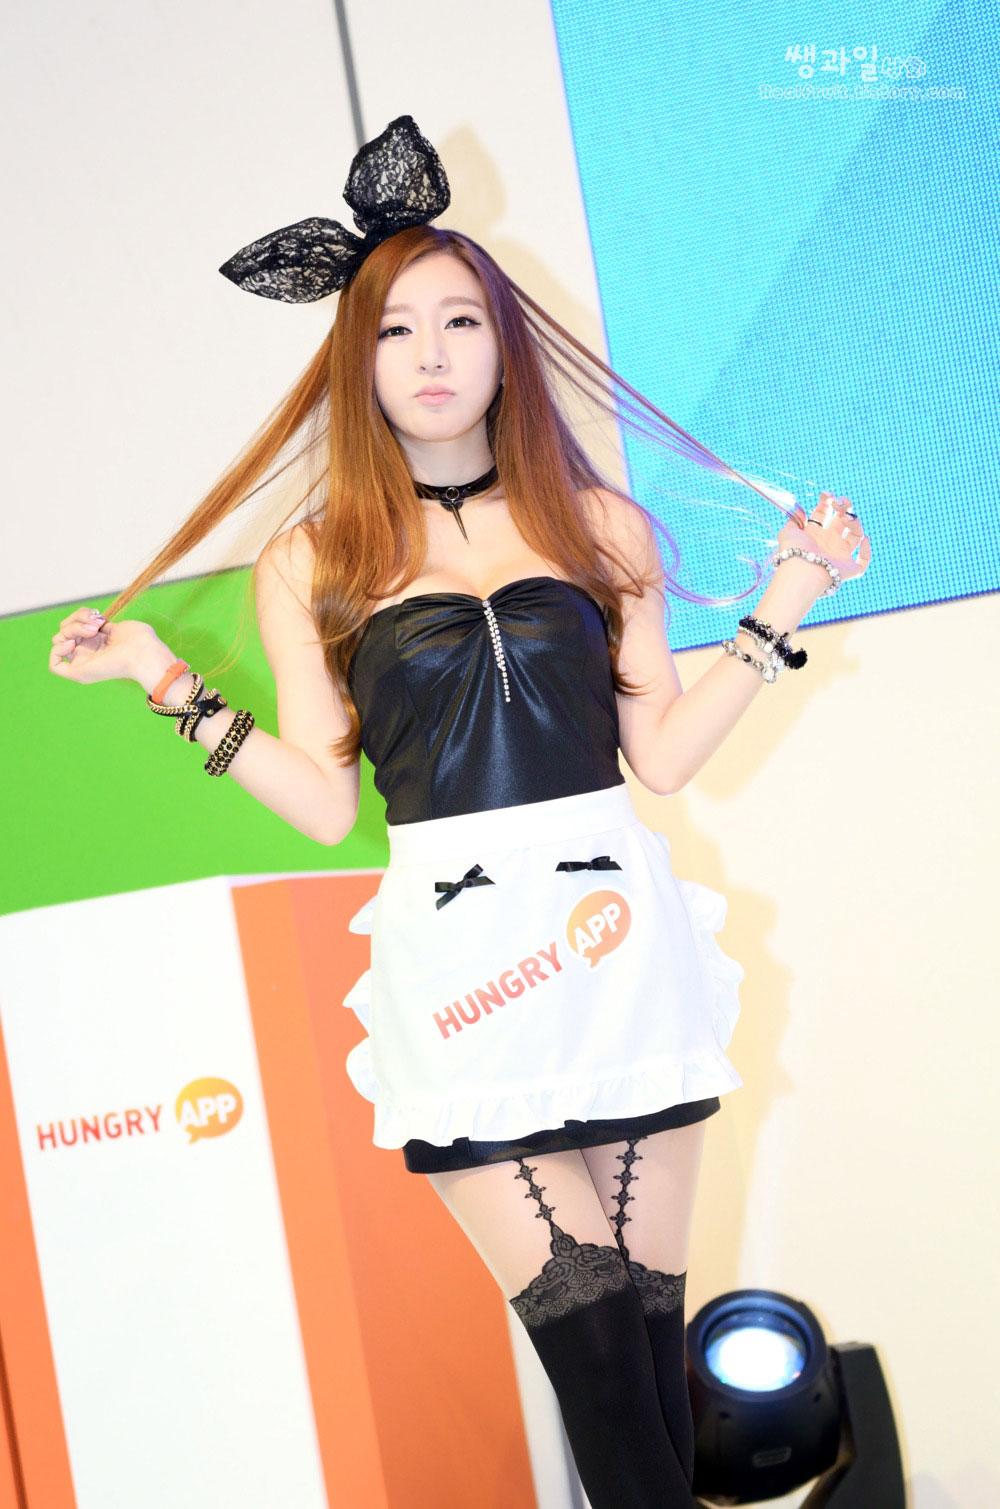 Han Ji Eun GSTAR 2013 Hungry App